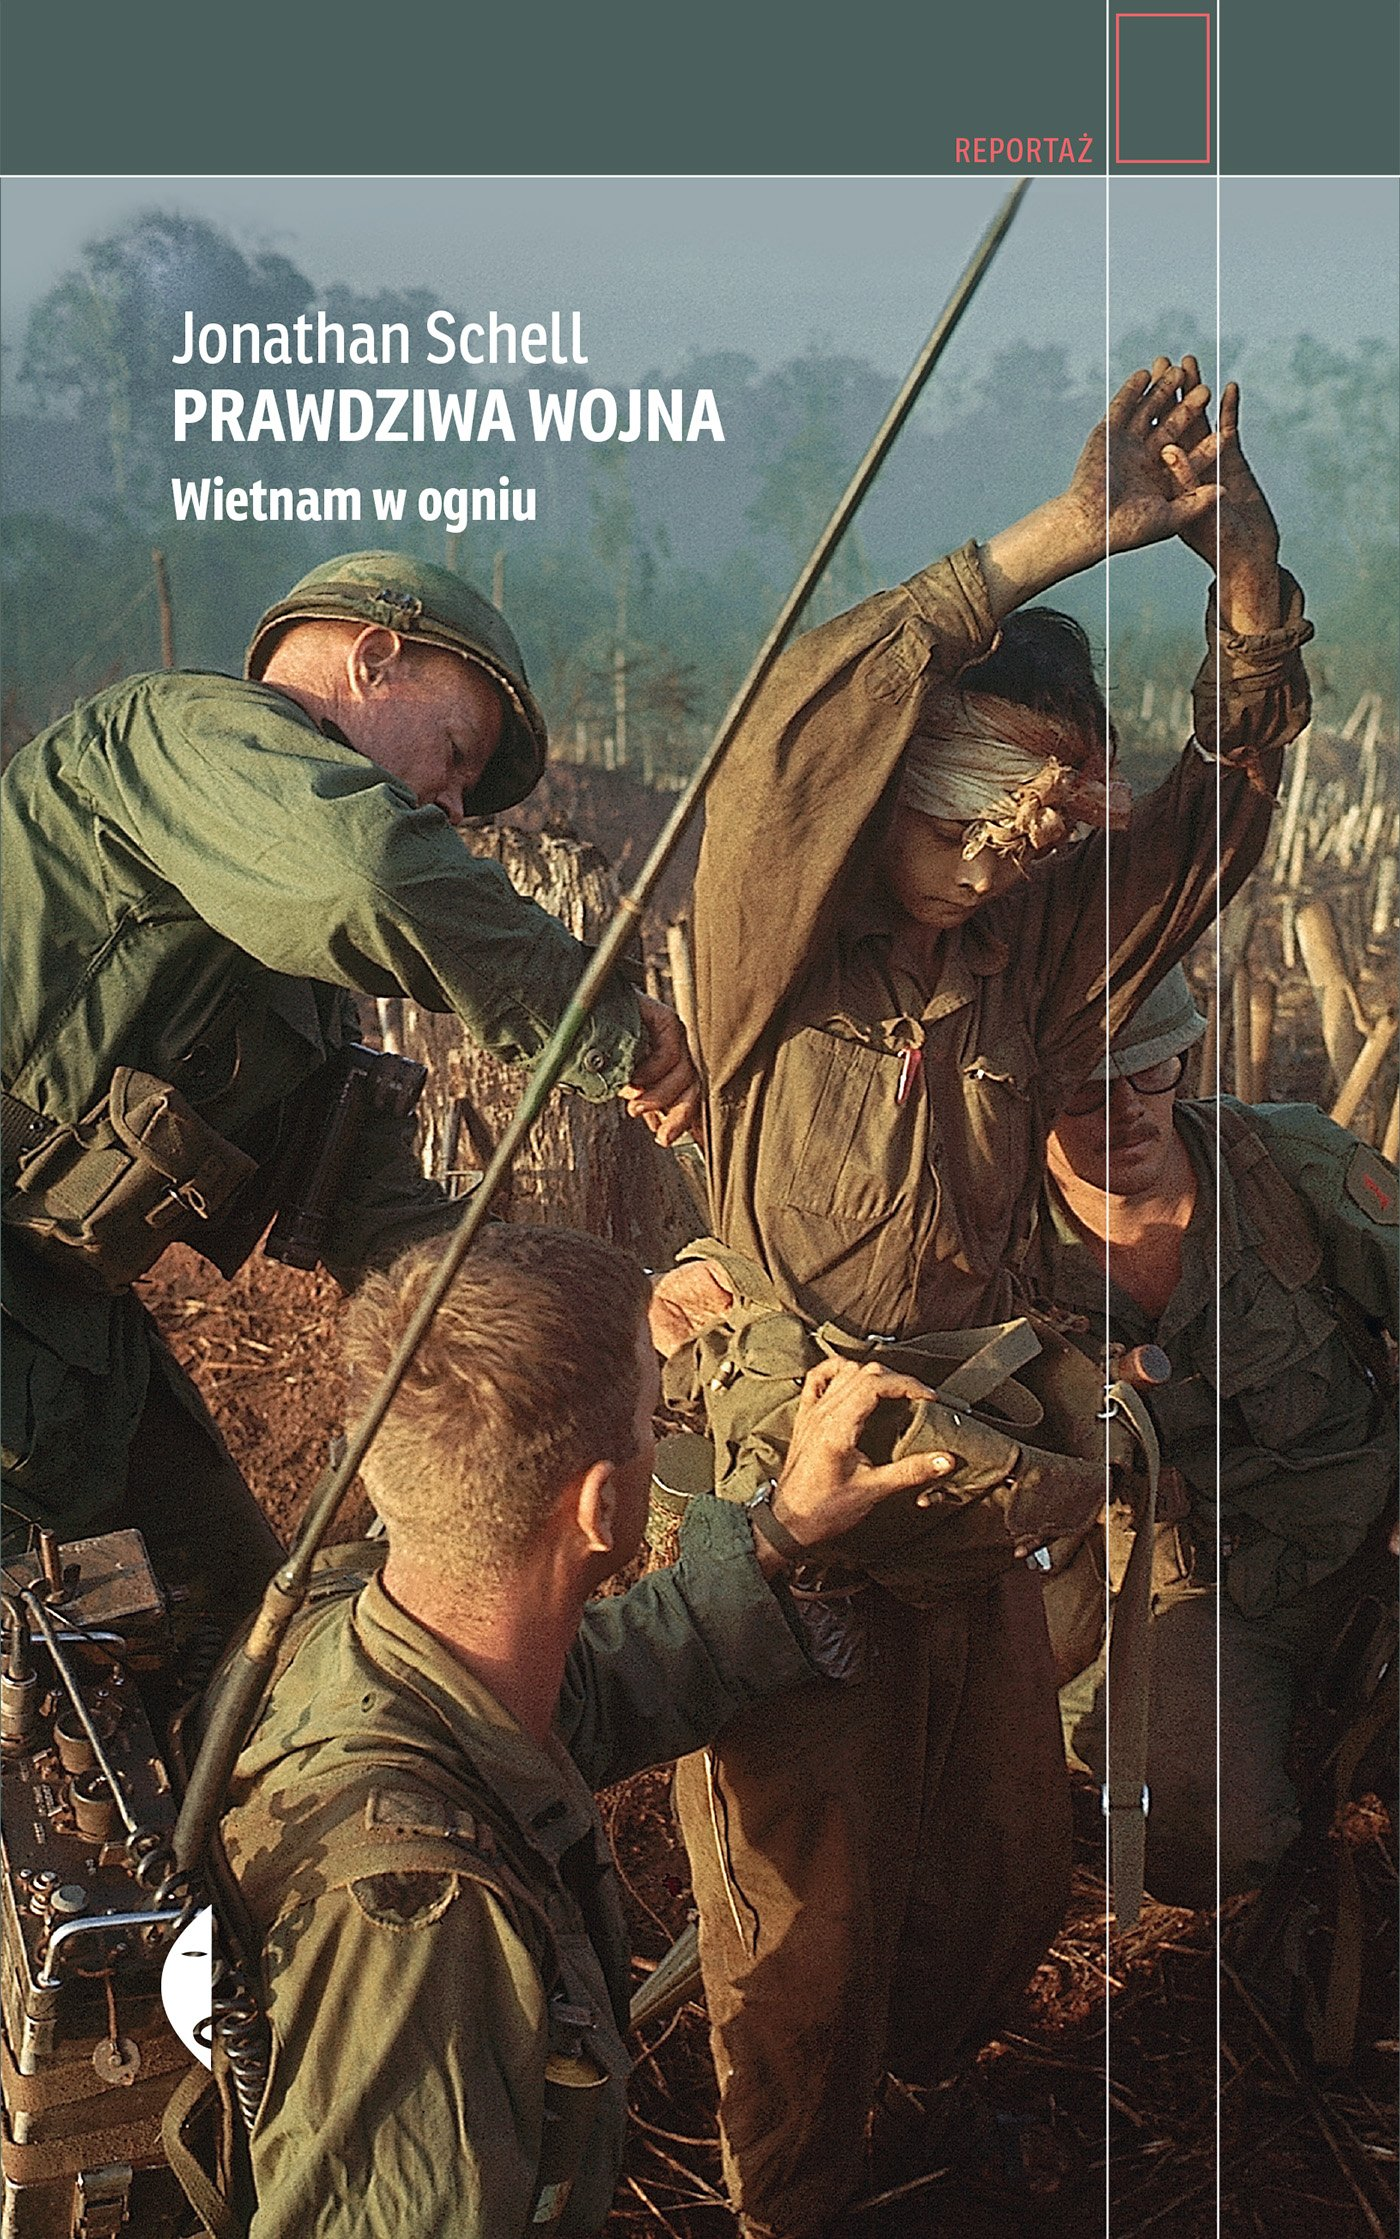 Prawdziwa wojna - Ebook (Książka EPUB) do pobrania w formacie EPUB